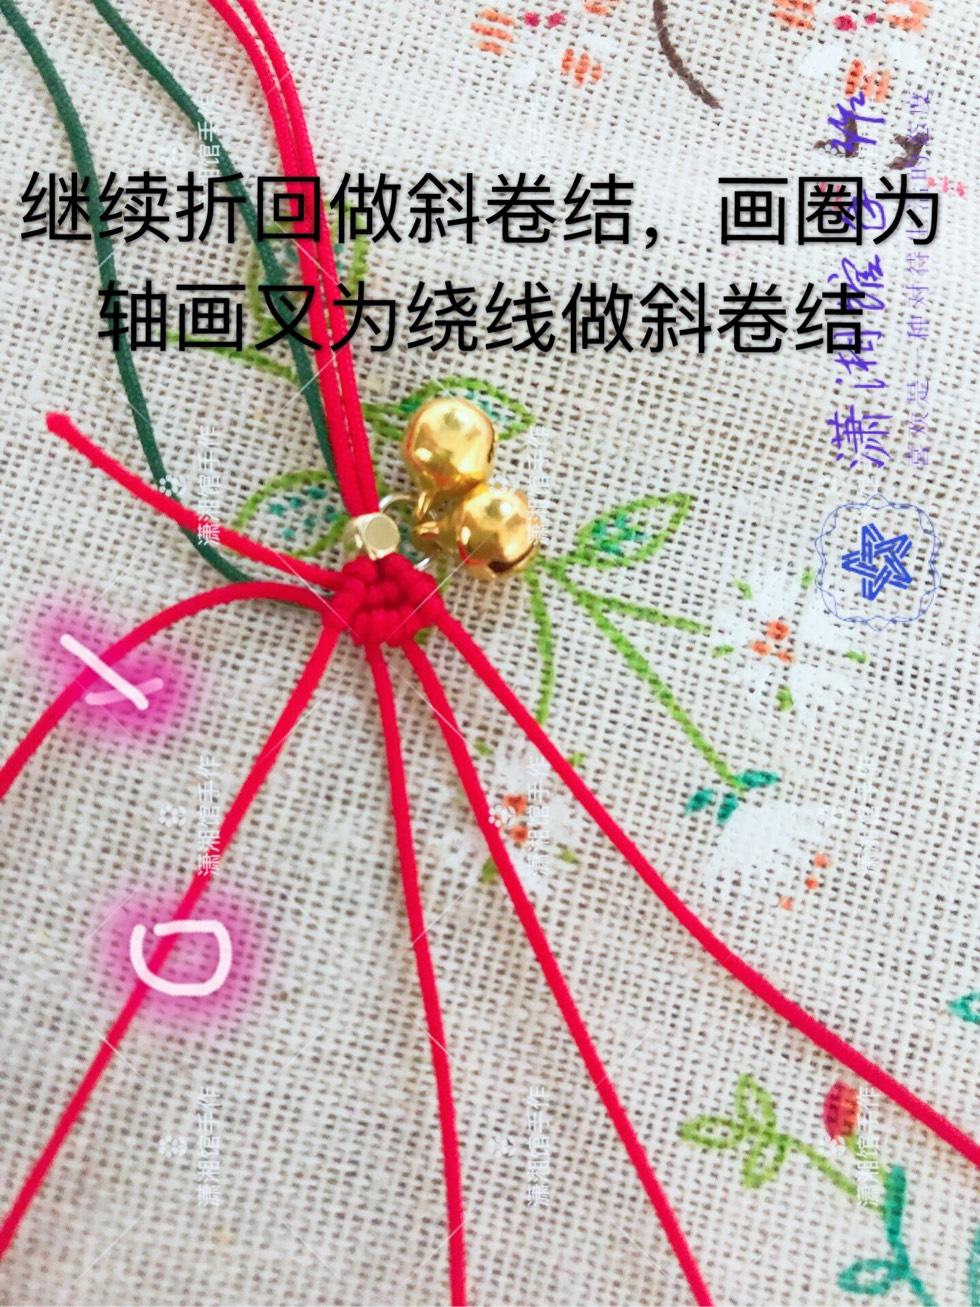 中国结论坛 圣诞节蝴蝶结手链  图文教程区 114836uimd6amgllk76or7